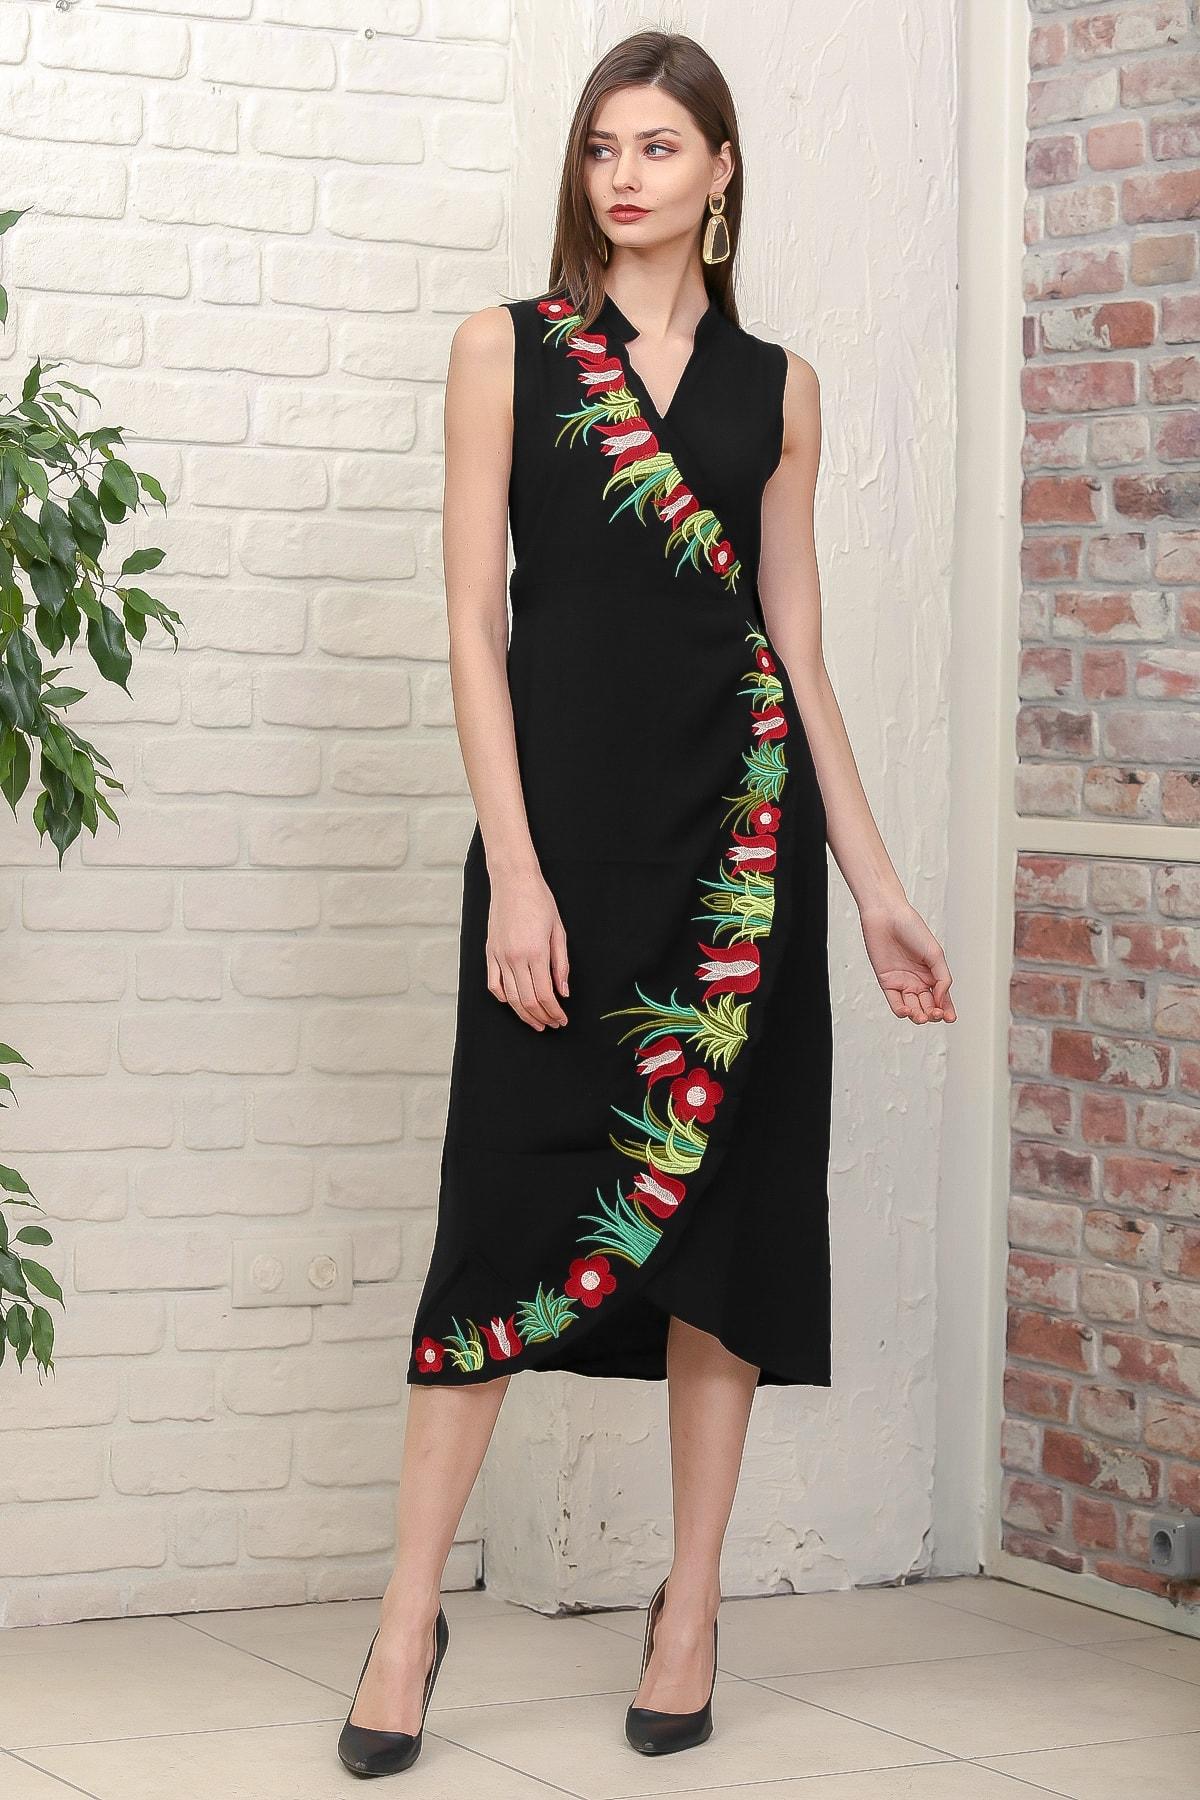 Chiccy Kadın Siyah Kruvaze Lale Nakışlı Ayaklı Yakalı Anvelop Kuşaklı Dokuma Elbise M10160000EL95887 1